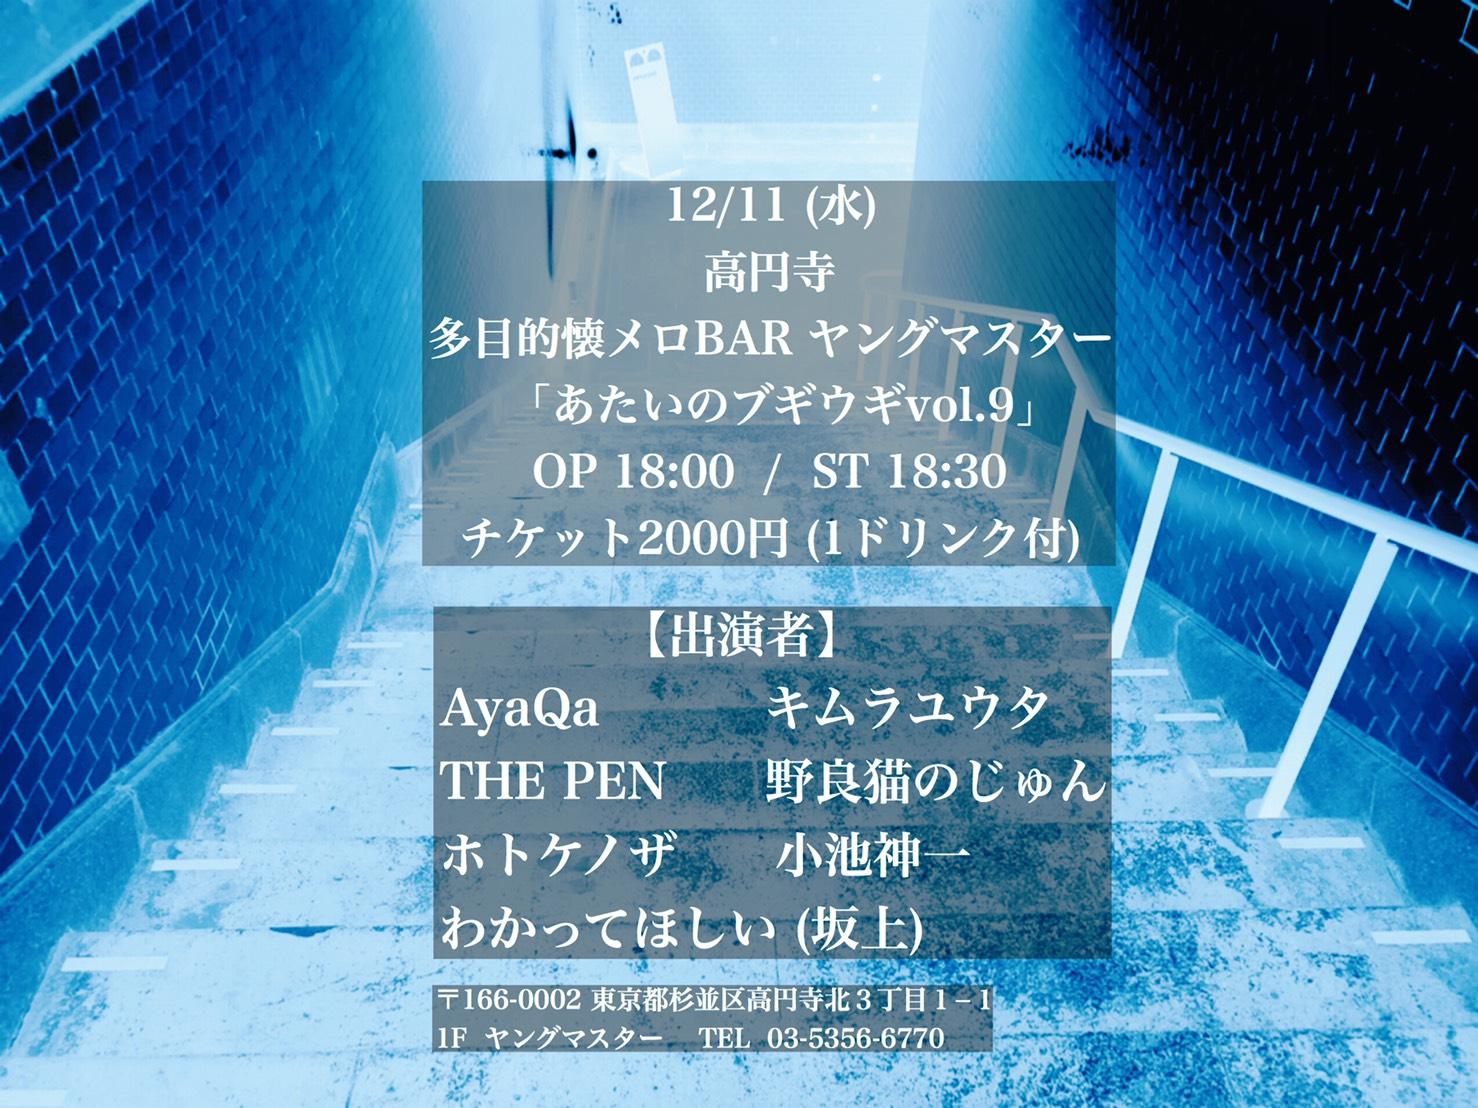 12/11 (水) ライブイベント「あたいのブギウギvol.9」 OP 18:00 / ST 18:30 チケット2000円 (1ドリンク付)